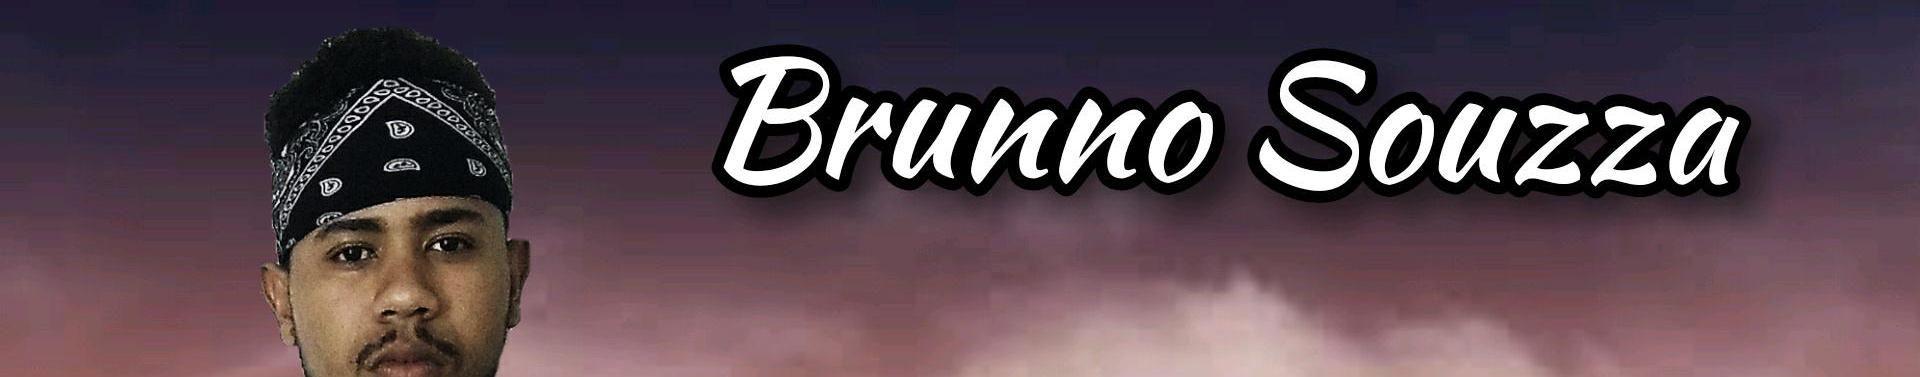 Imagem de capa de Brunno Souzza